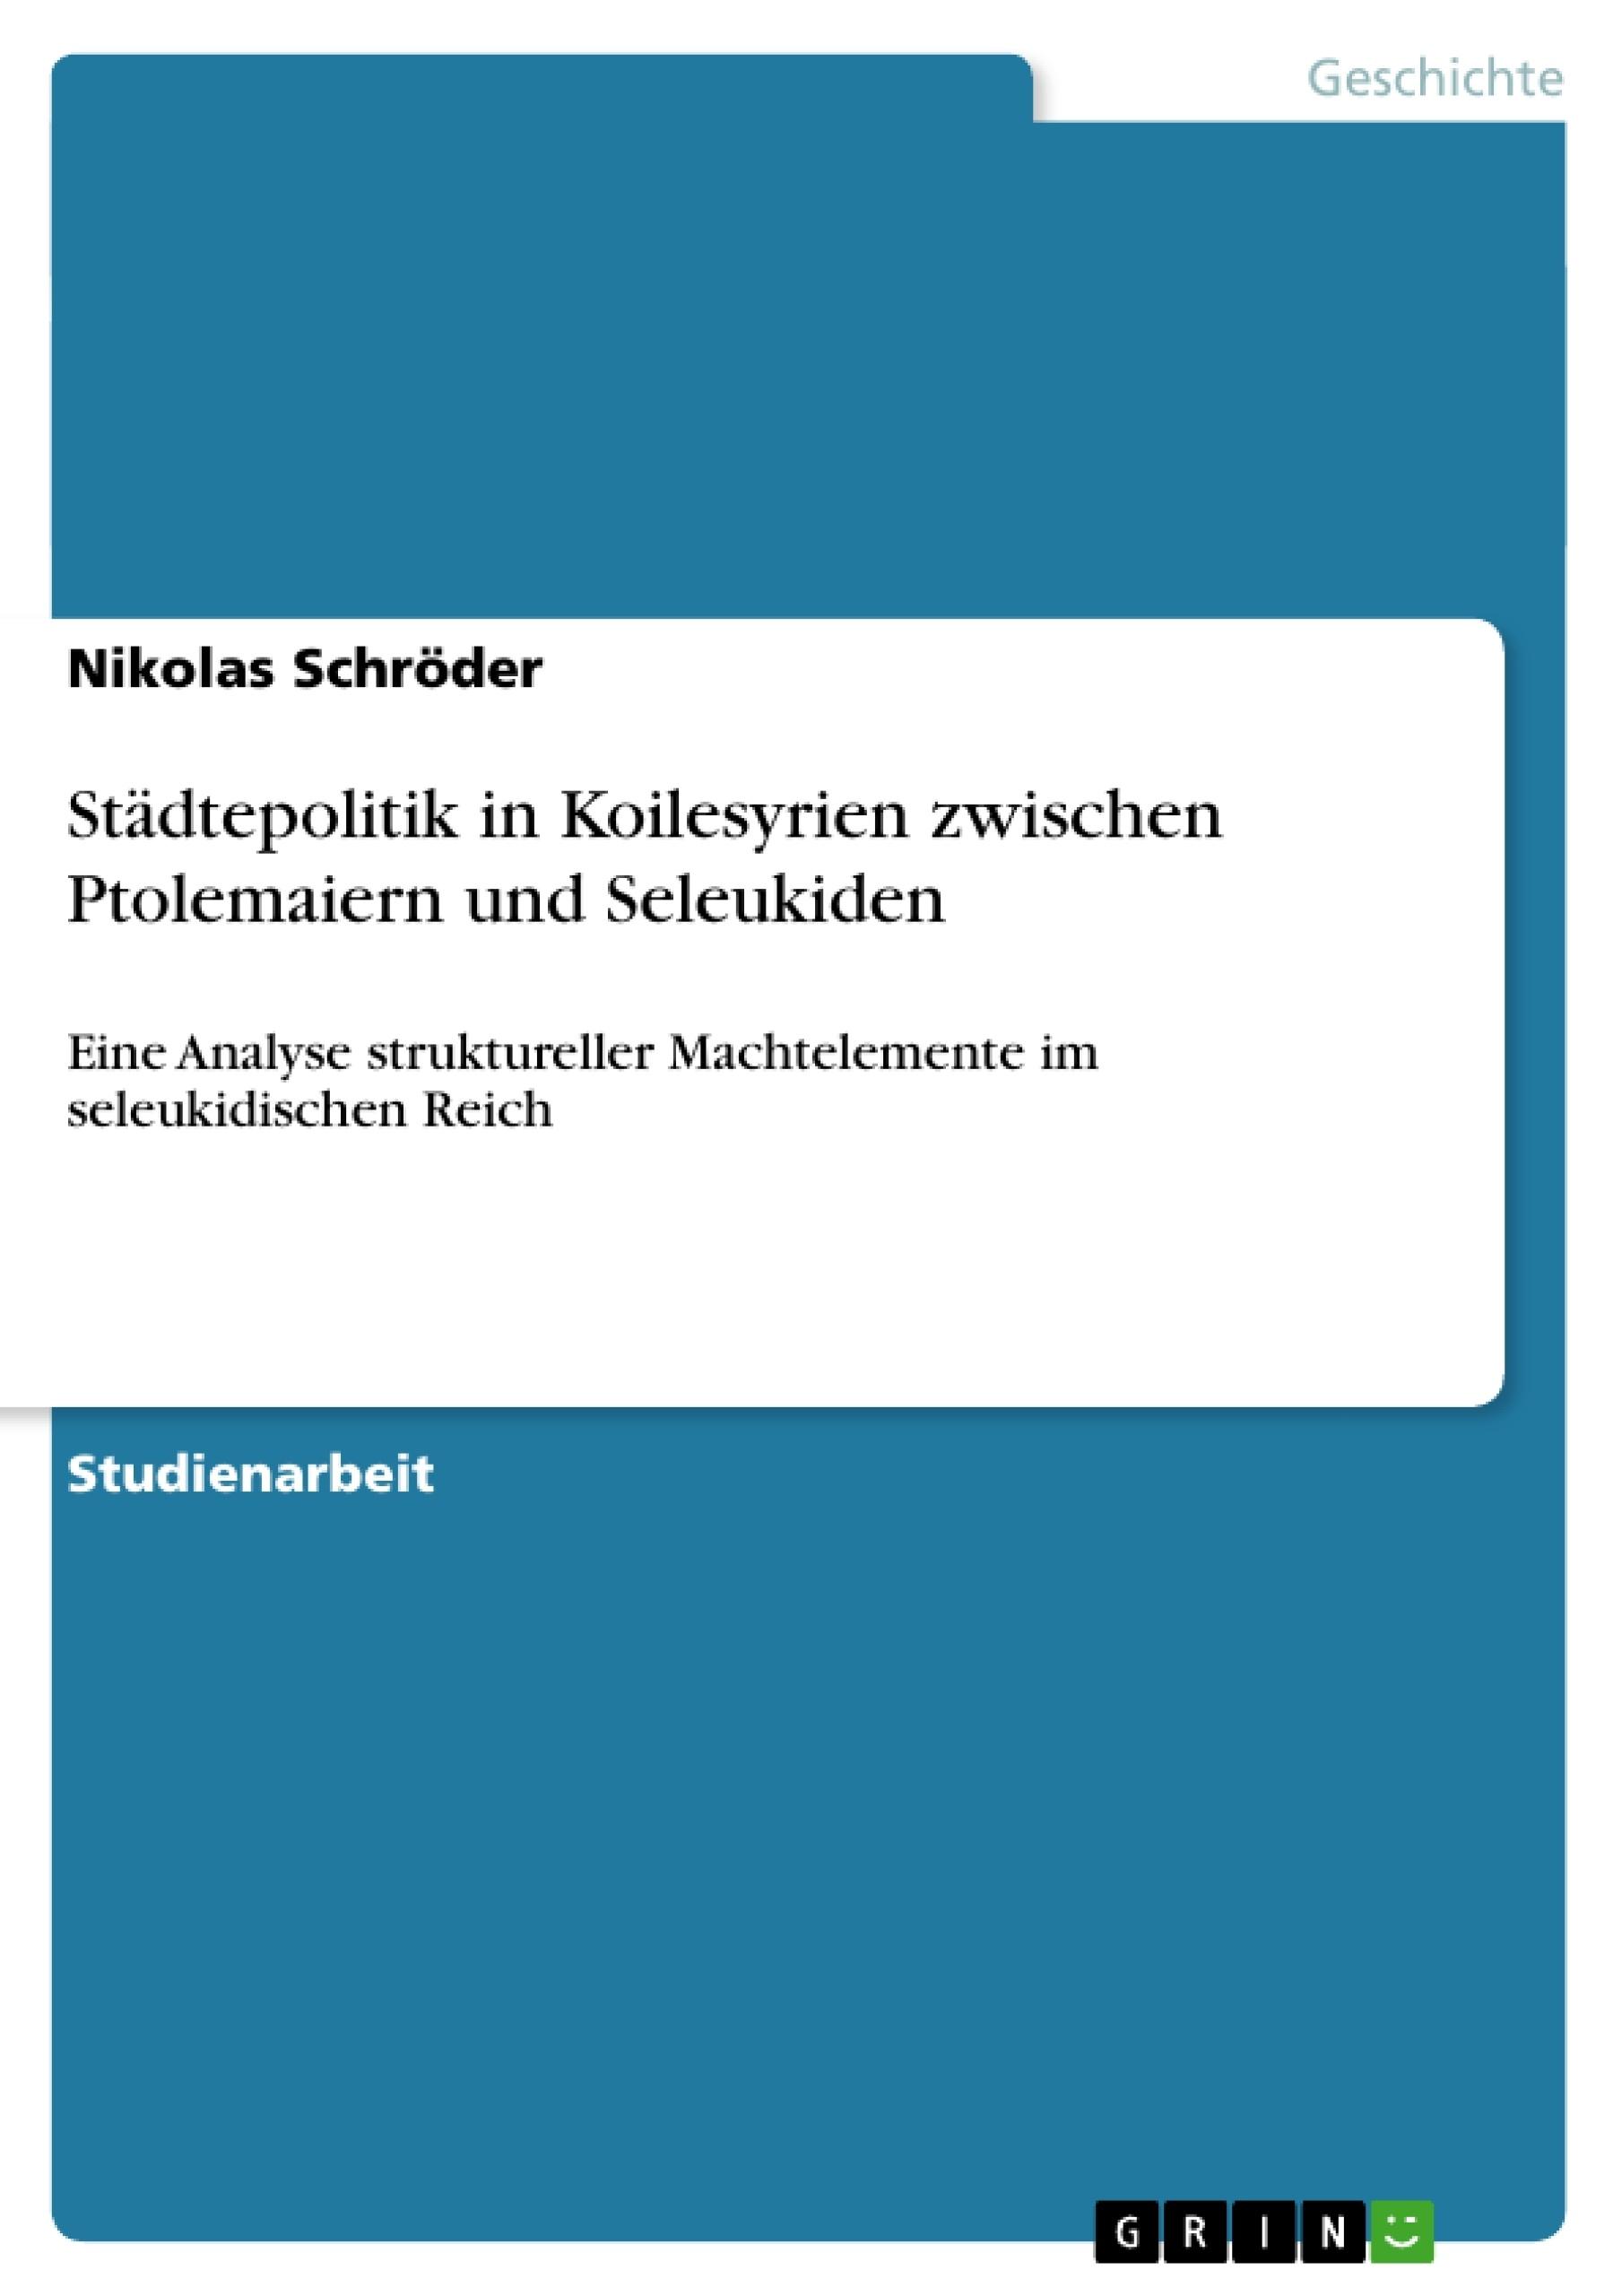 Titel: Städtepolitik in Koilesyrien zwischen Ptolemaiern und Seleukiden